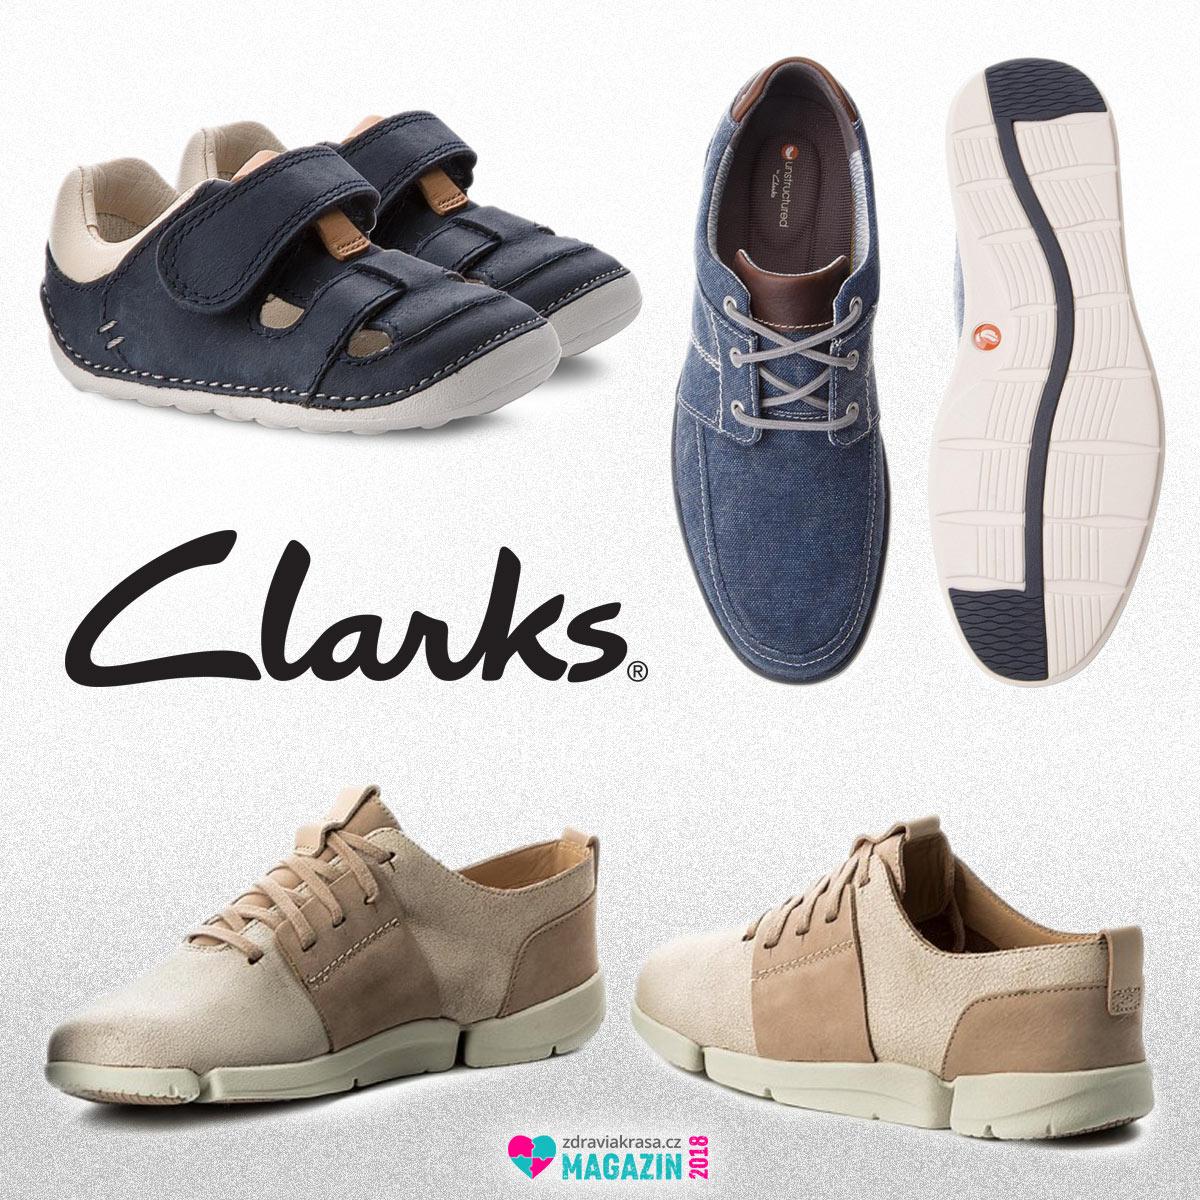 Je v hledáčku vašeho zájmu zdravá obuv? Boty Clarks jsou přesně tím co hledáte.